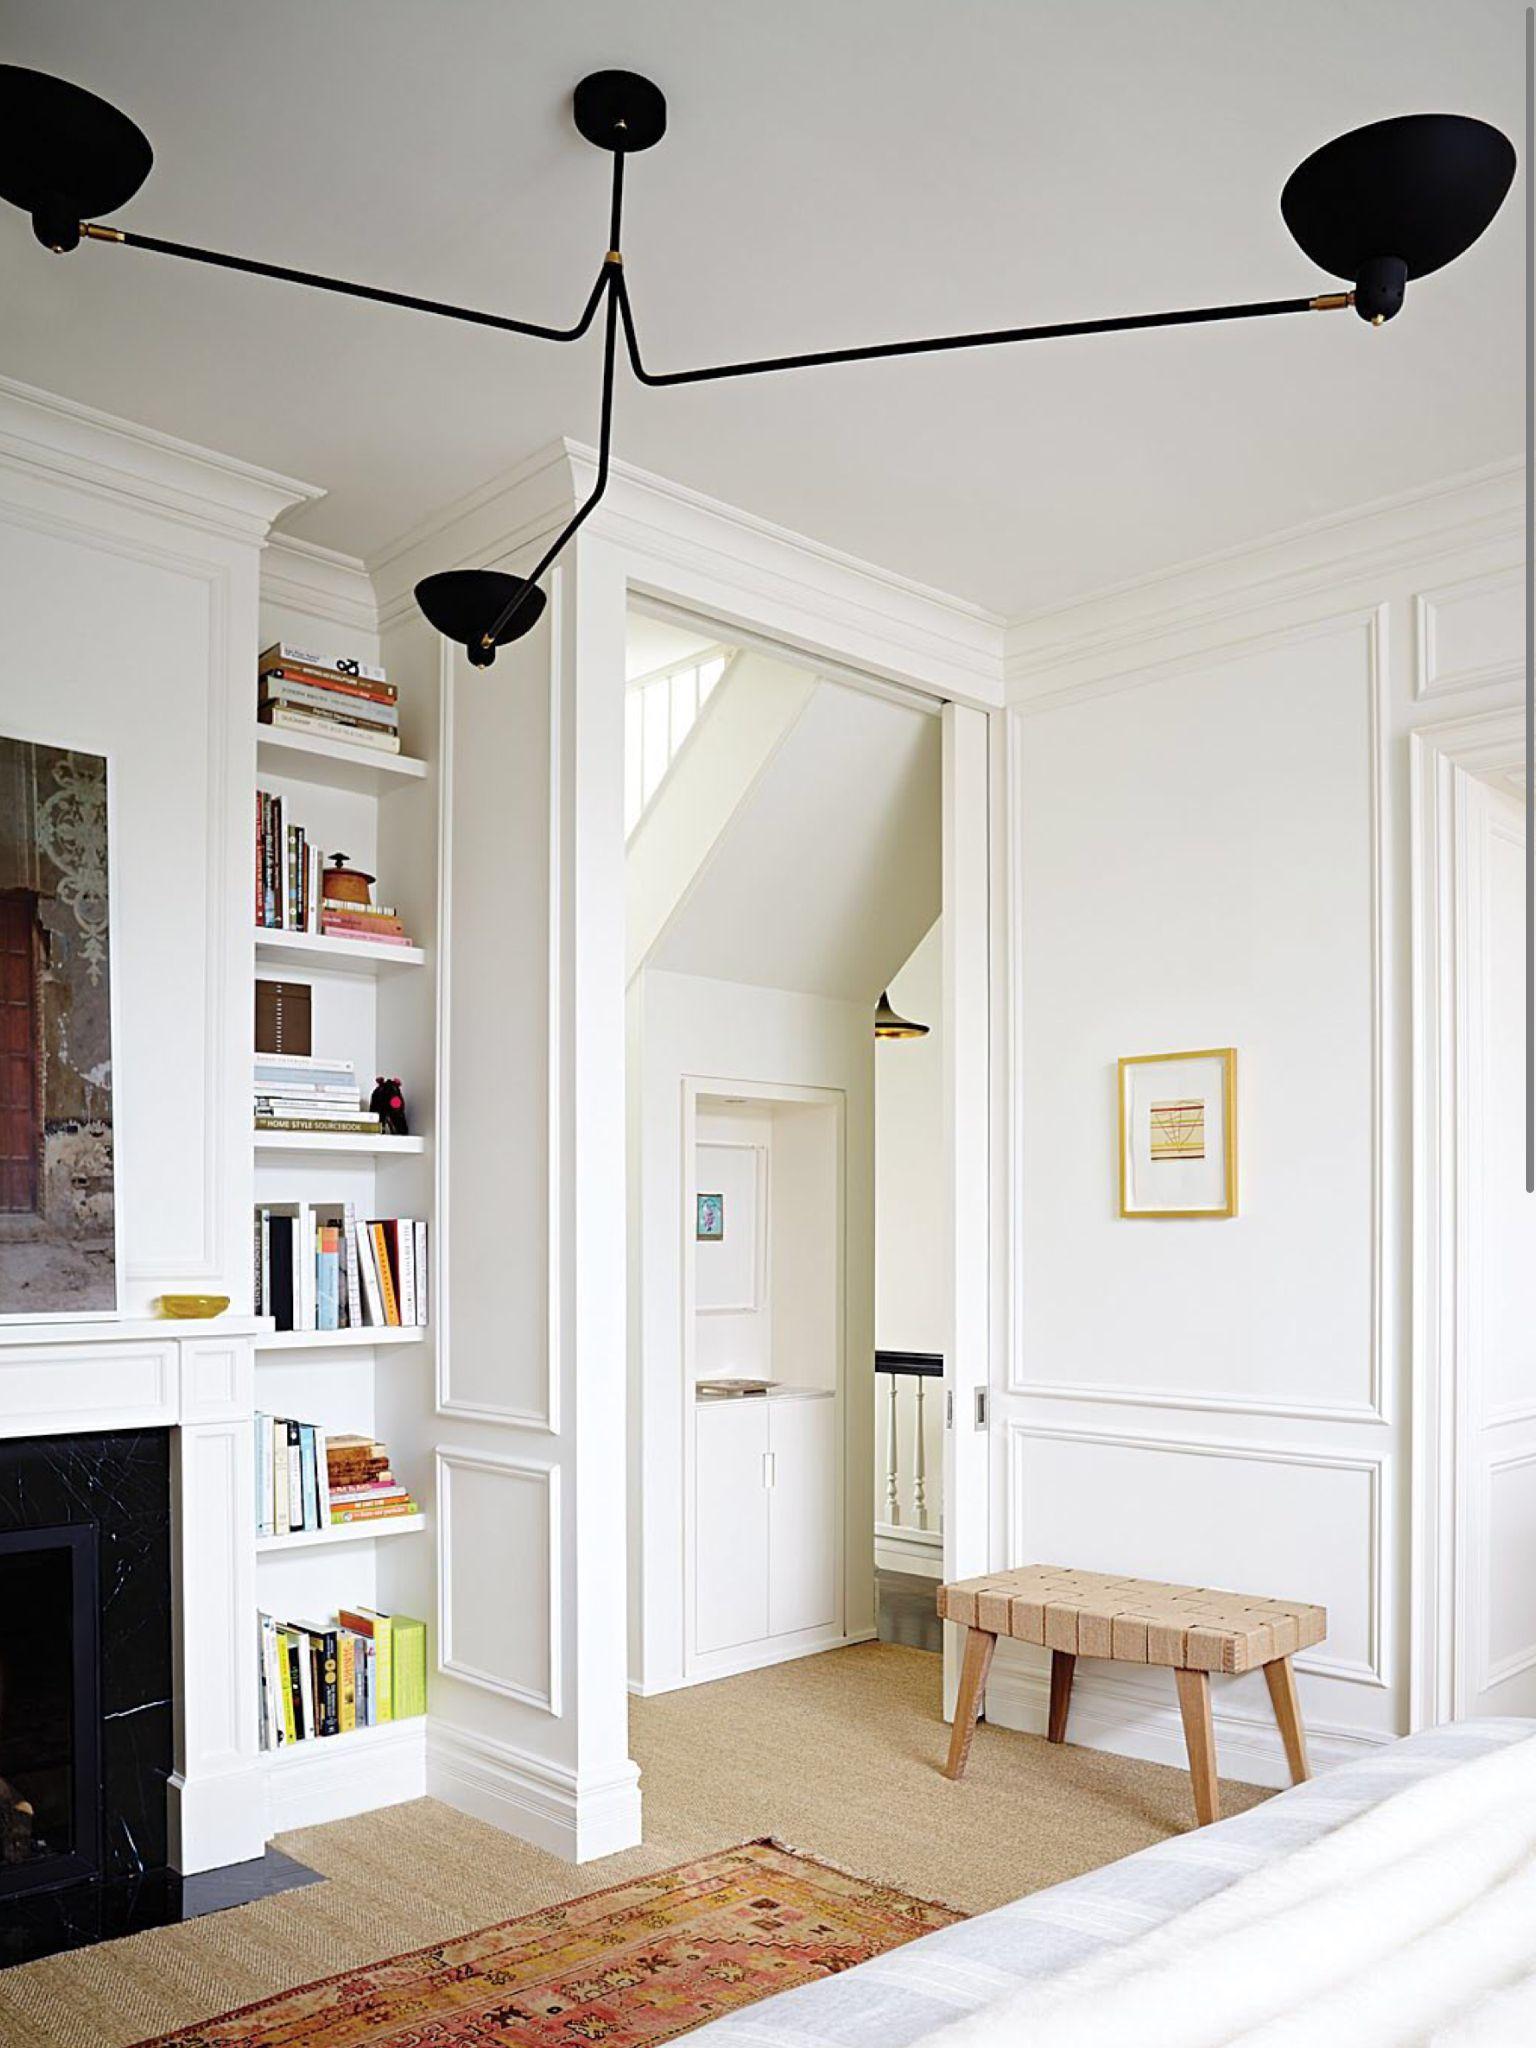 madeinhome raum pinterest diele deckenlampen und deckchen. Black Bedroom Furniture Sets. Home Design Ideas